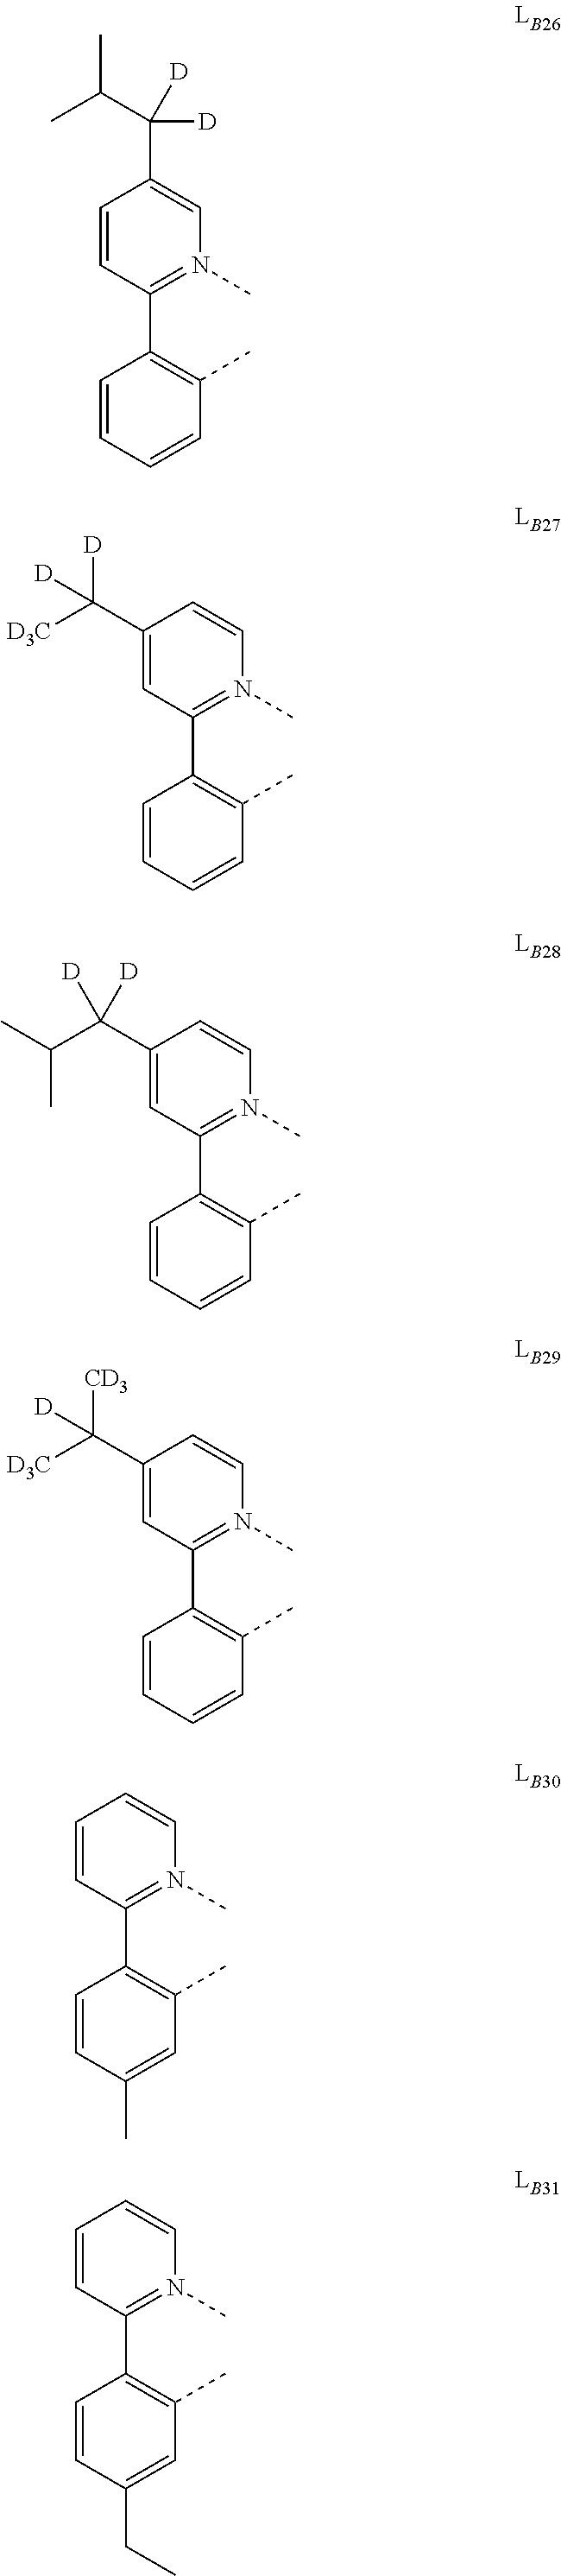 Figure US20180130962A1-20180510-C00071